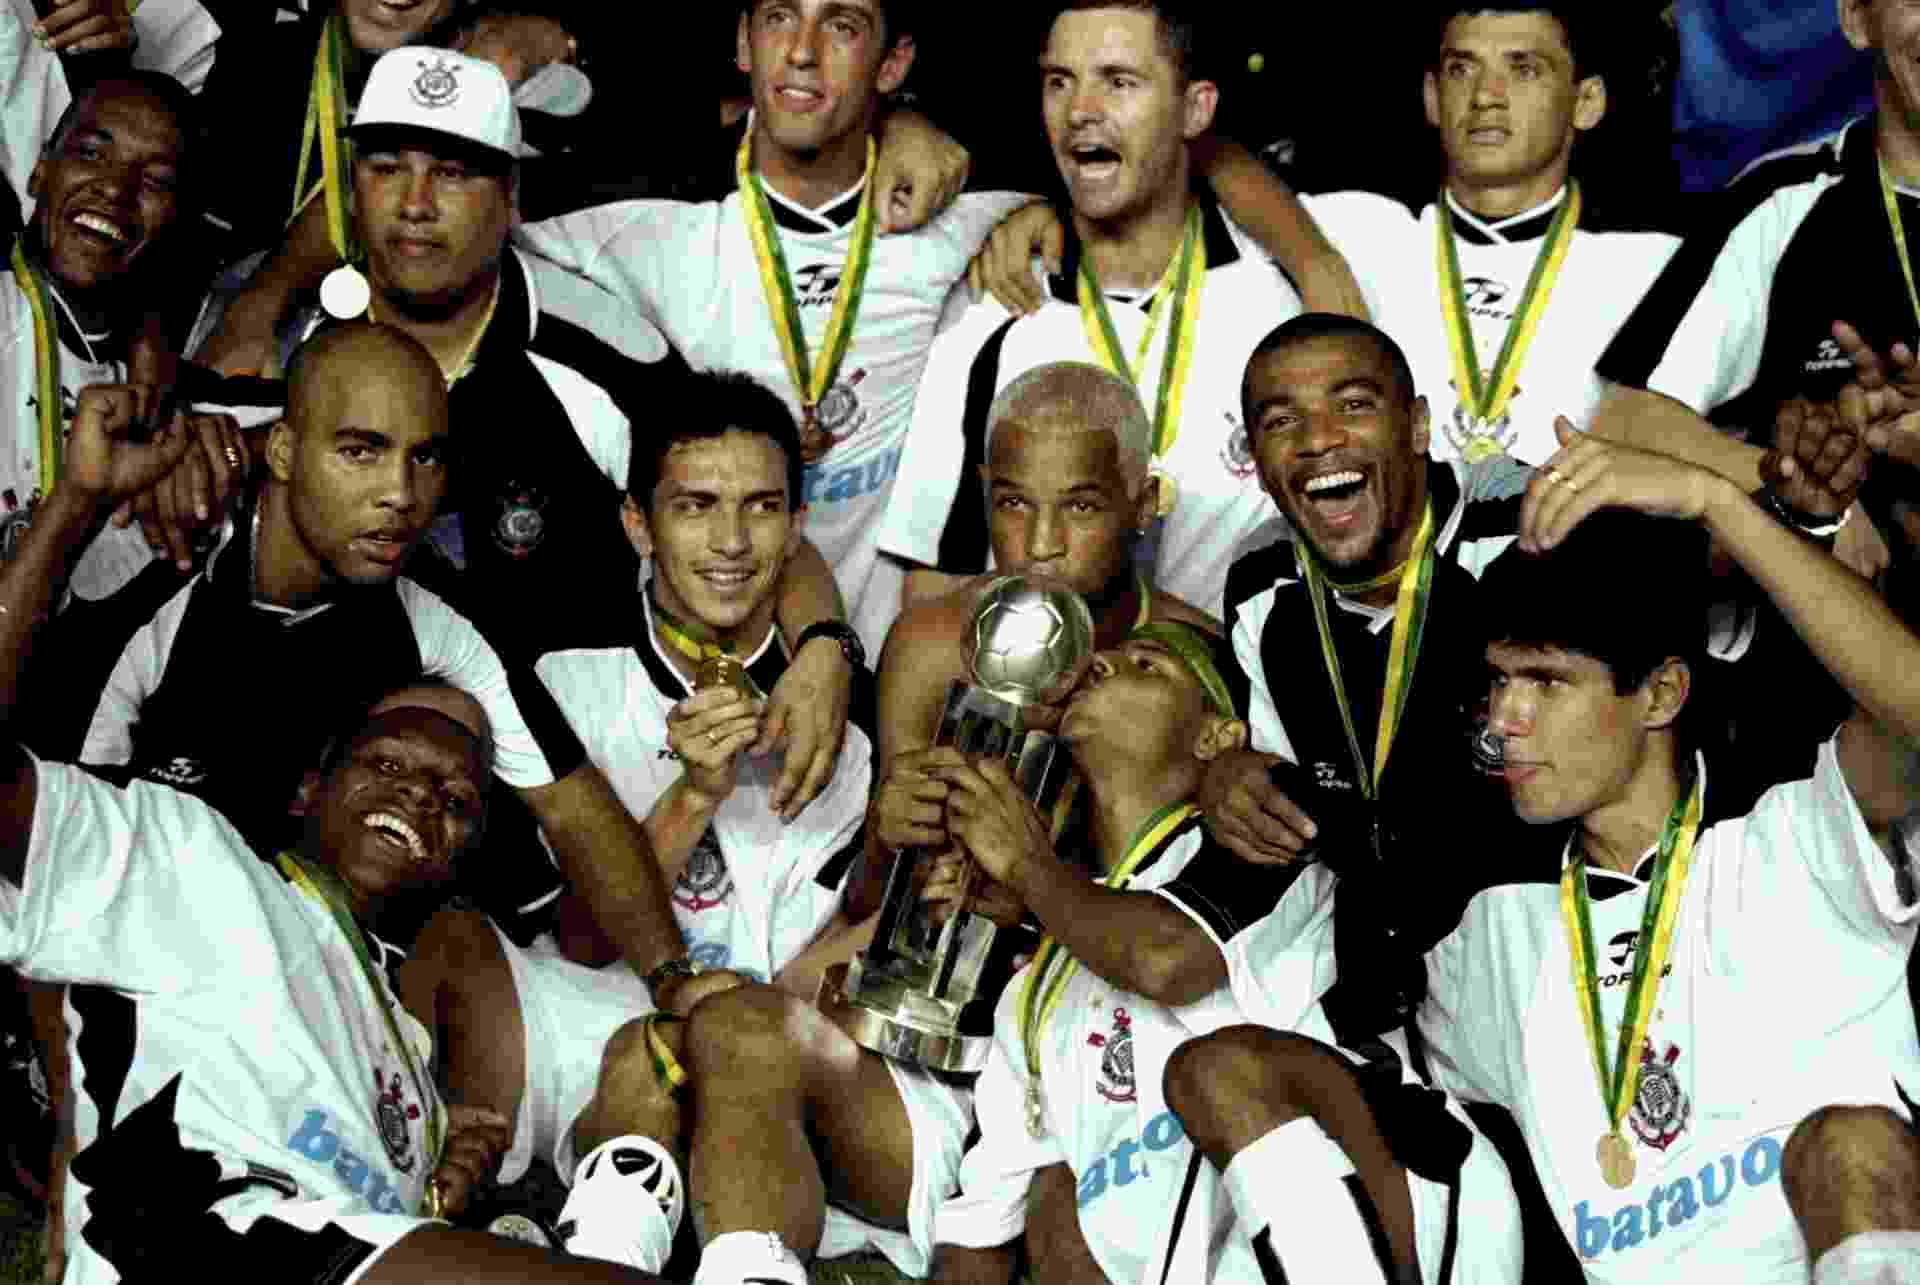 Campeões revelam 15 histórias que você não sabe sobre 1º Mundial ... 9a97b6849c94c